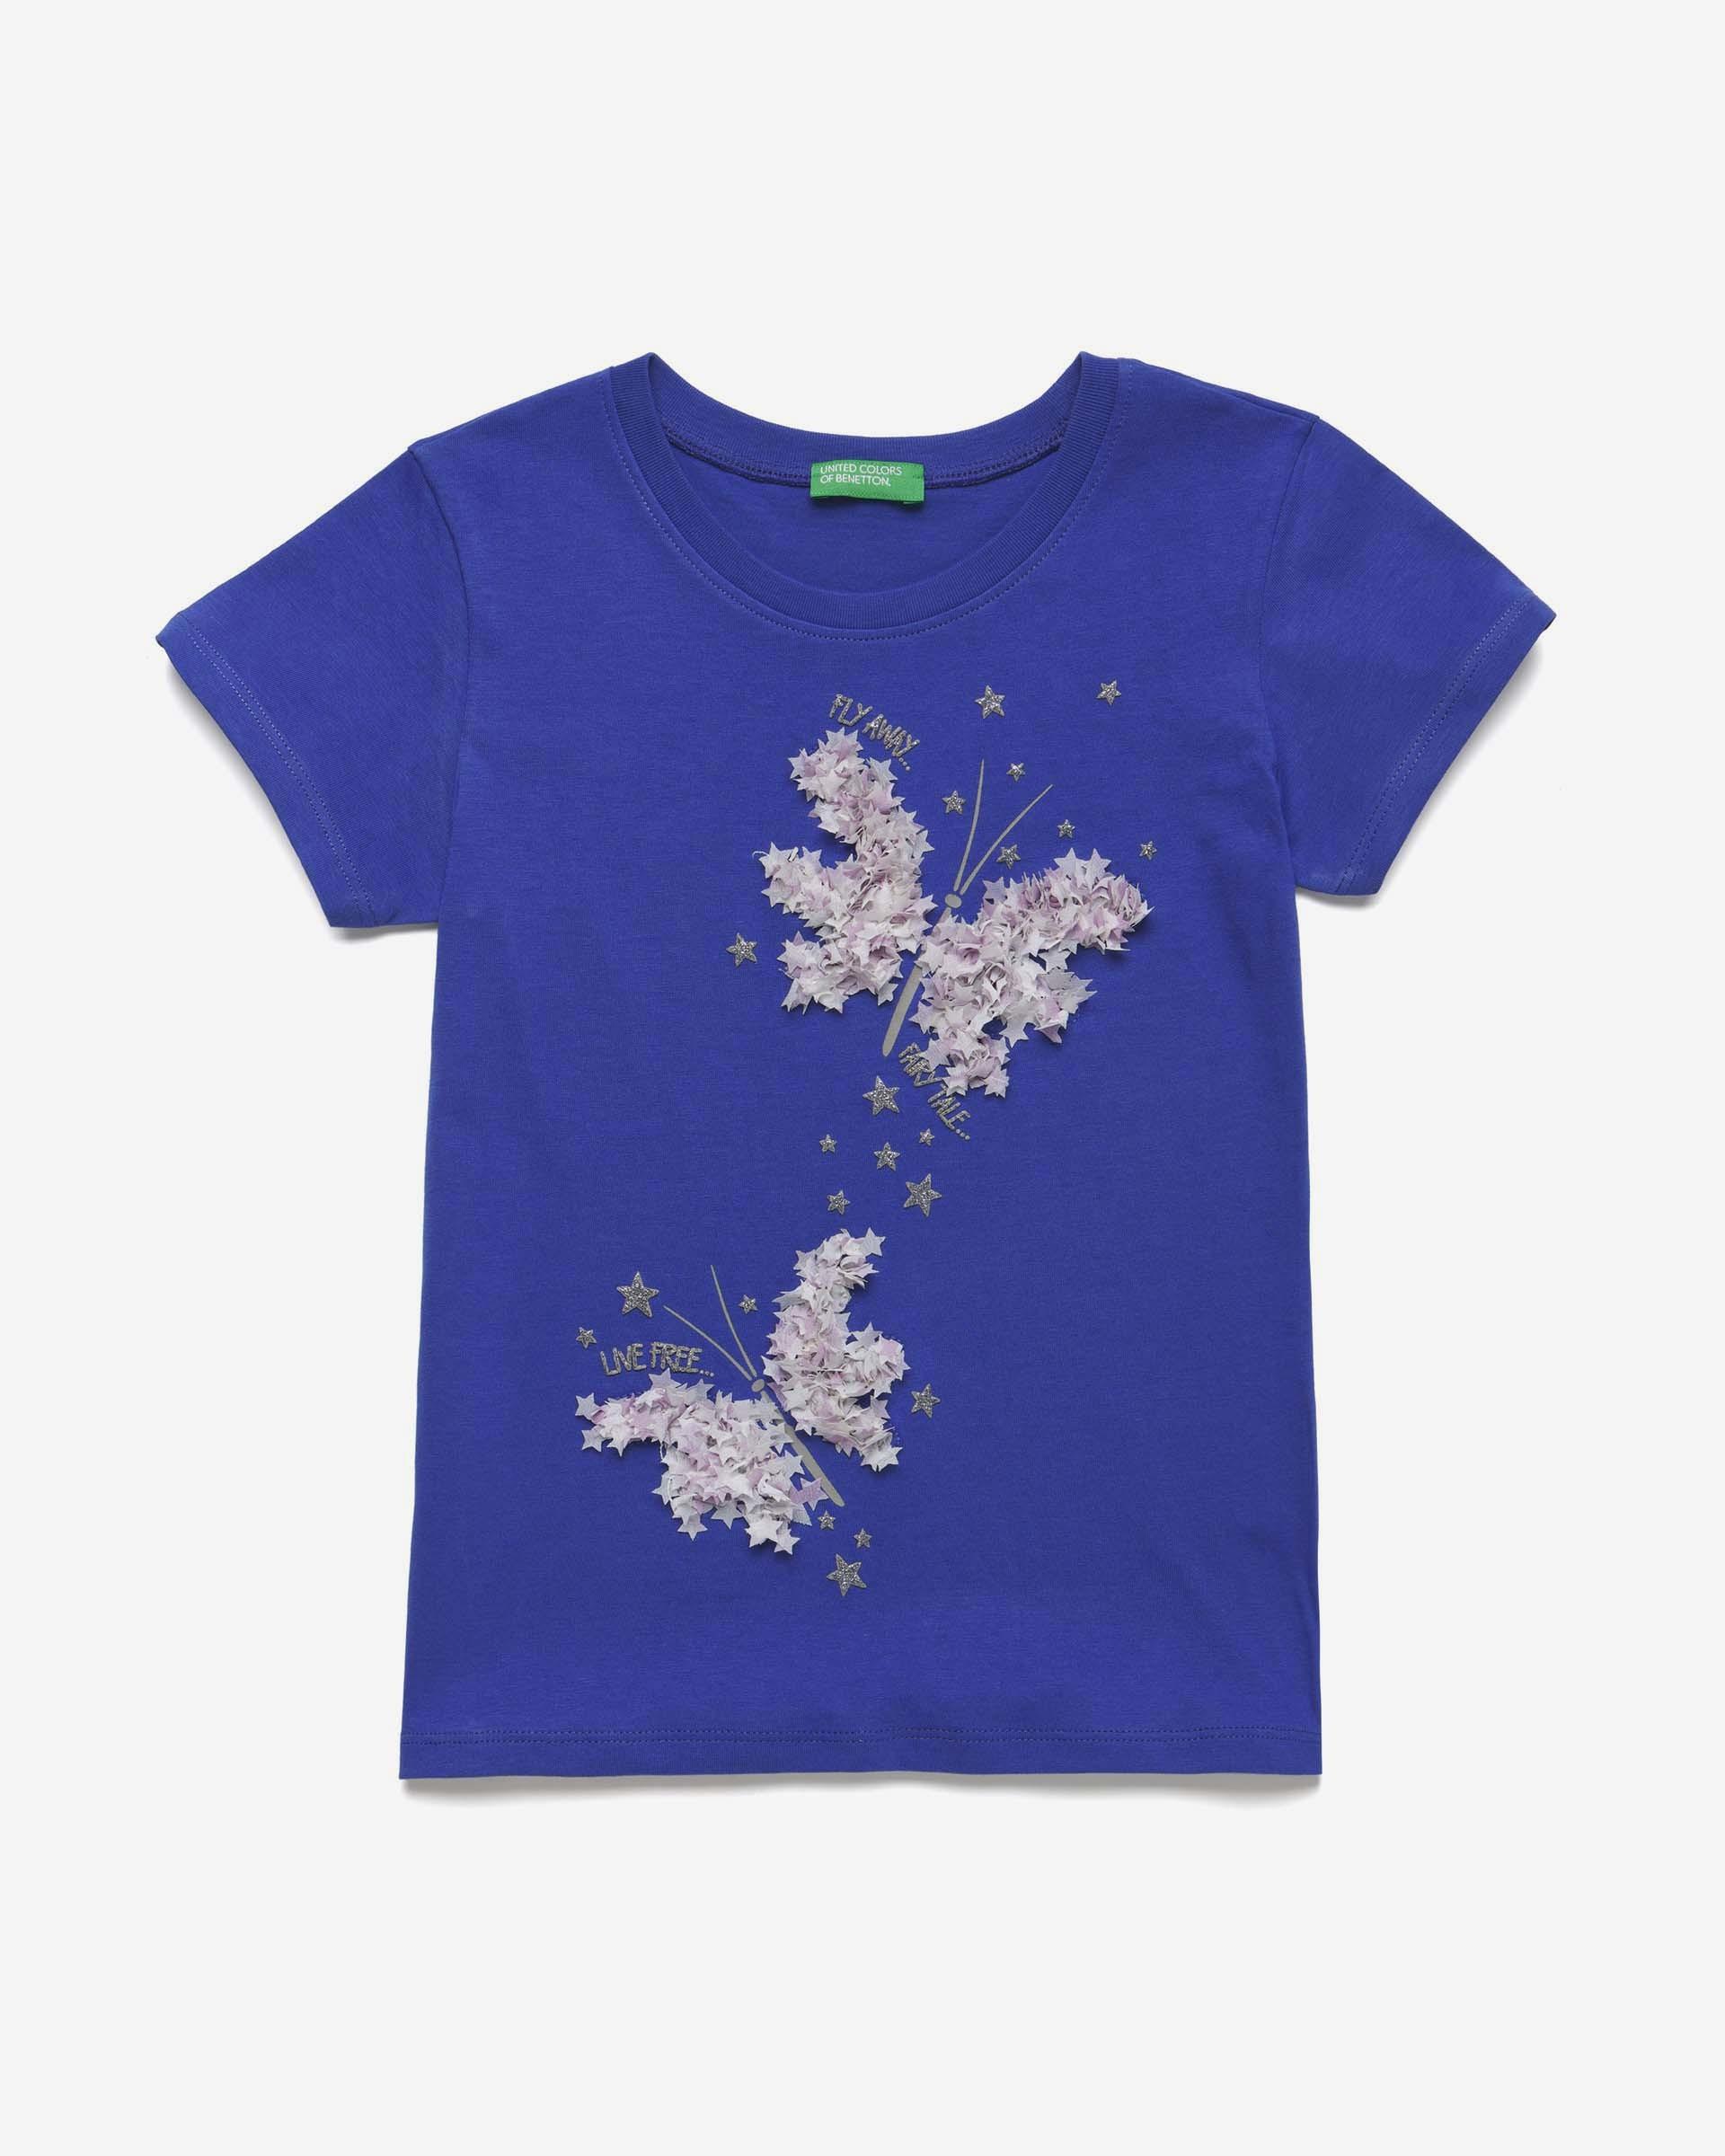 20P_3096C14M5_18Z, Футболка для девочек Benetton 3096C14M5_18Z р-р 92, United Colors of Benetton, Кофточки, футболки для новорожденных  - купить со скидкой